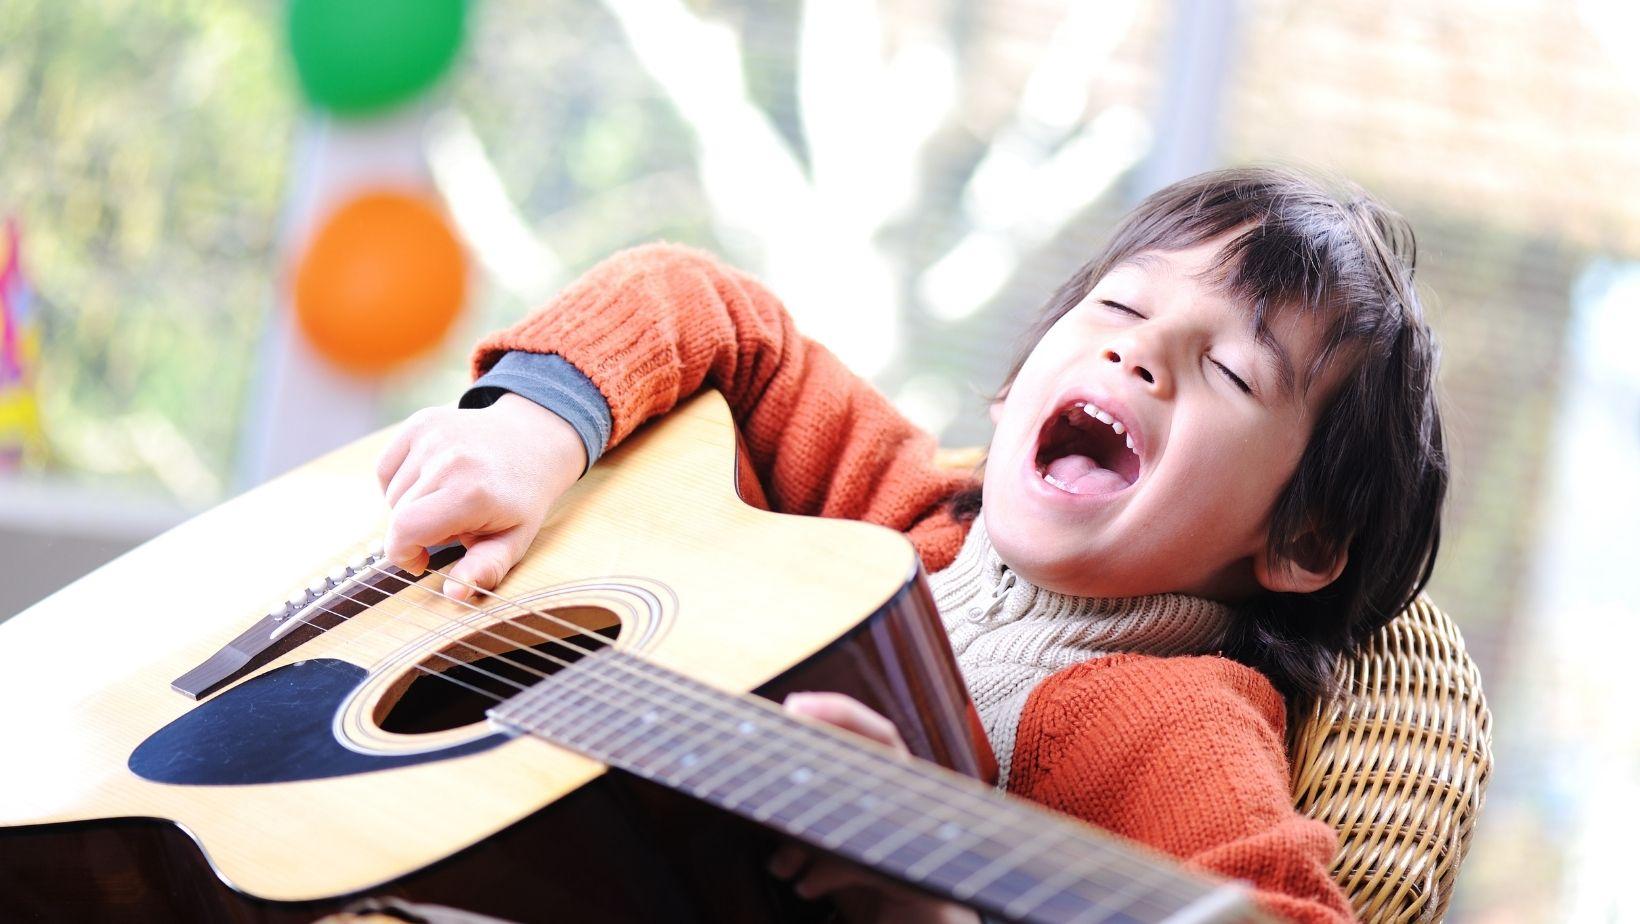 τραγουδι γλωσιικη αναπτυξη